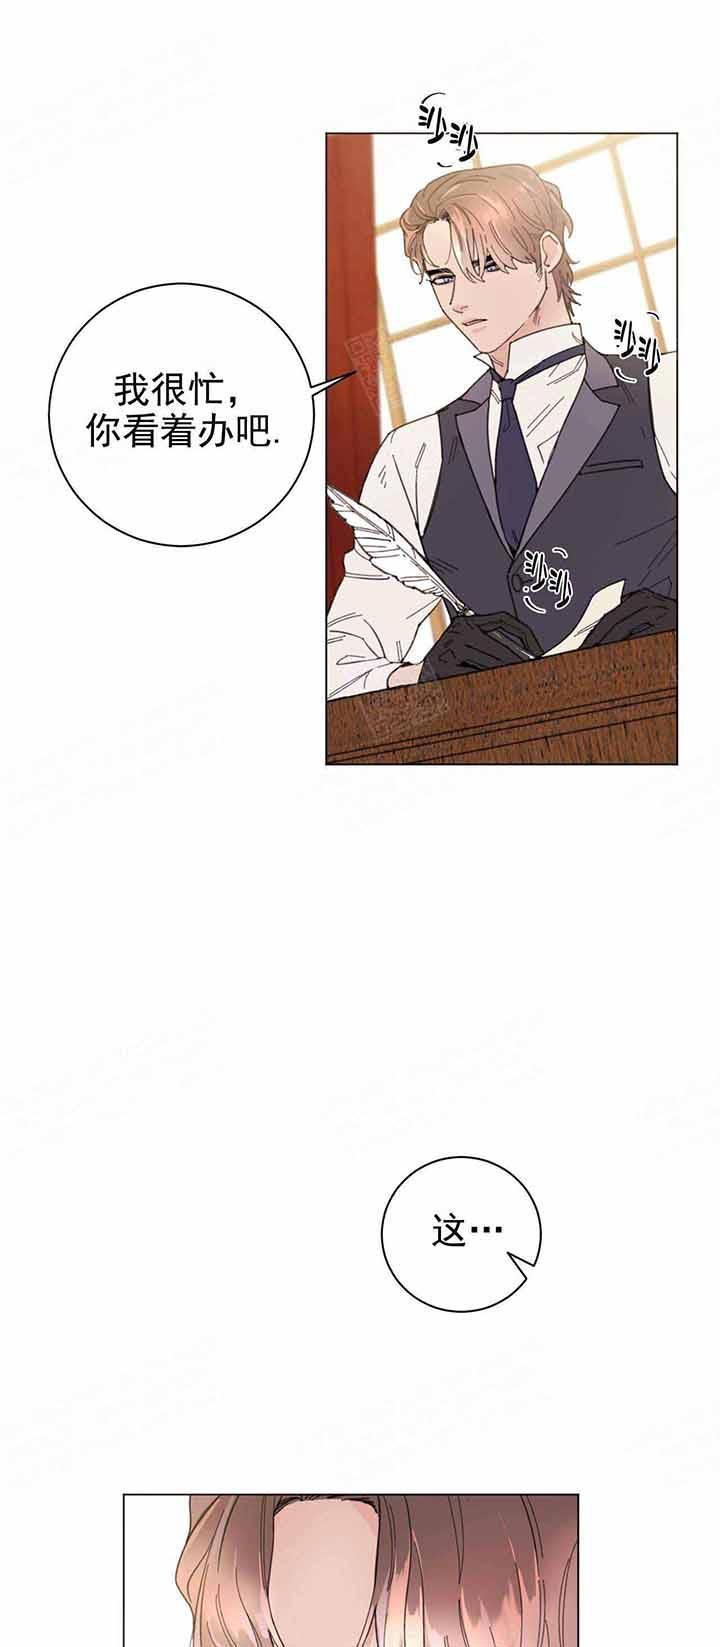 宠爱主人-BL漫画免费阅读全集完整版连载更新至19话-啵乐漫画